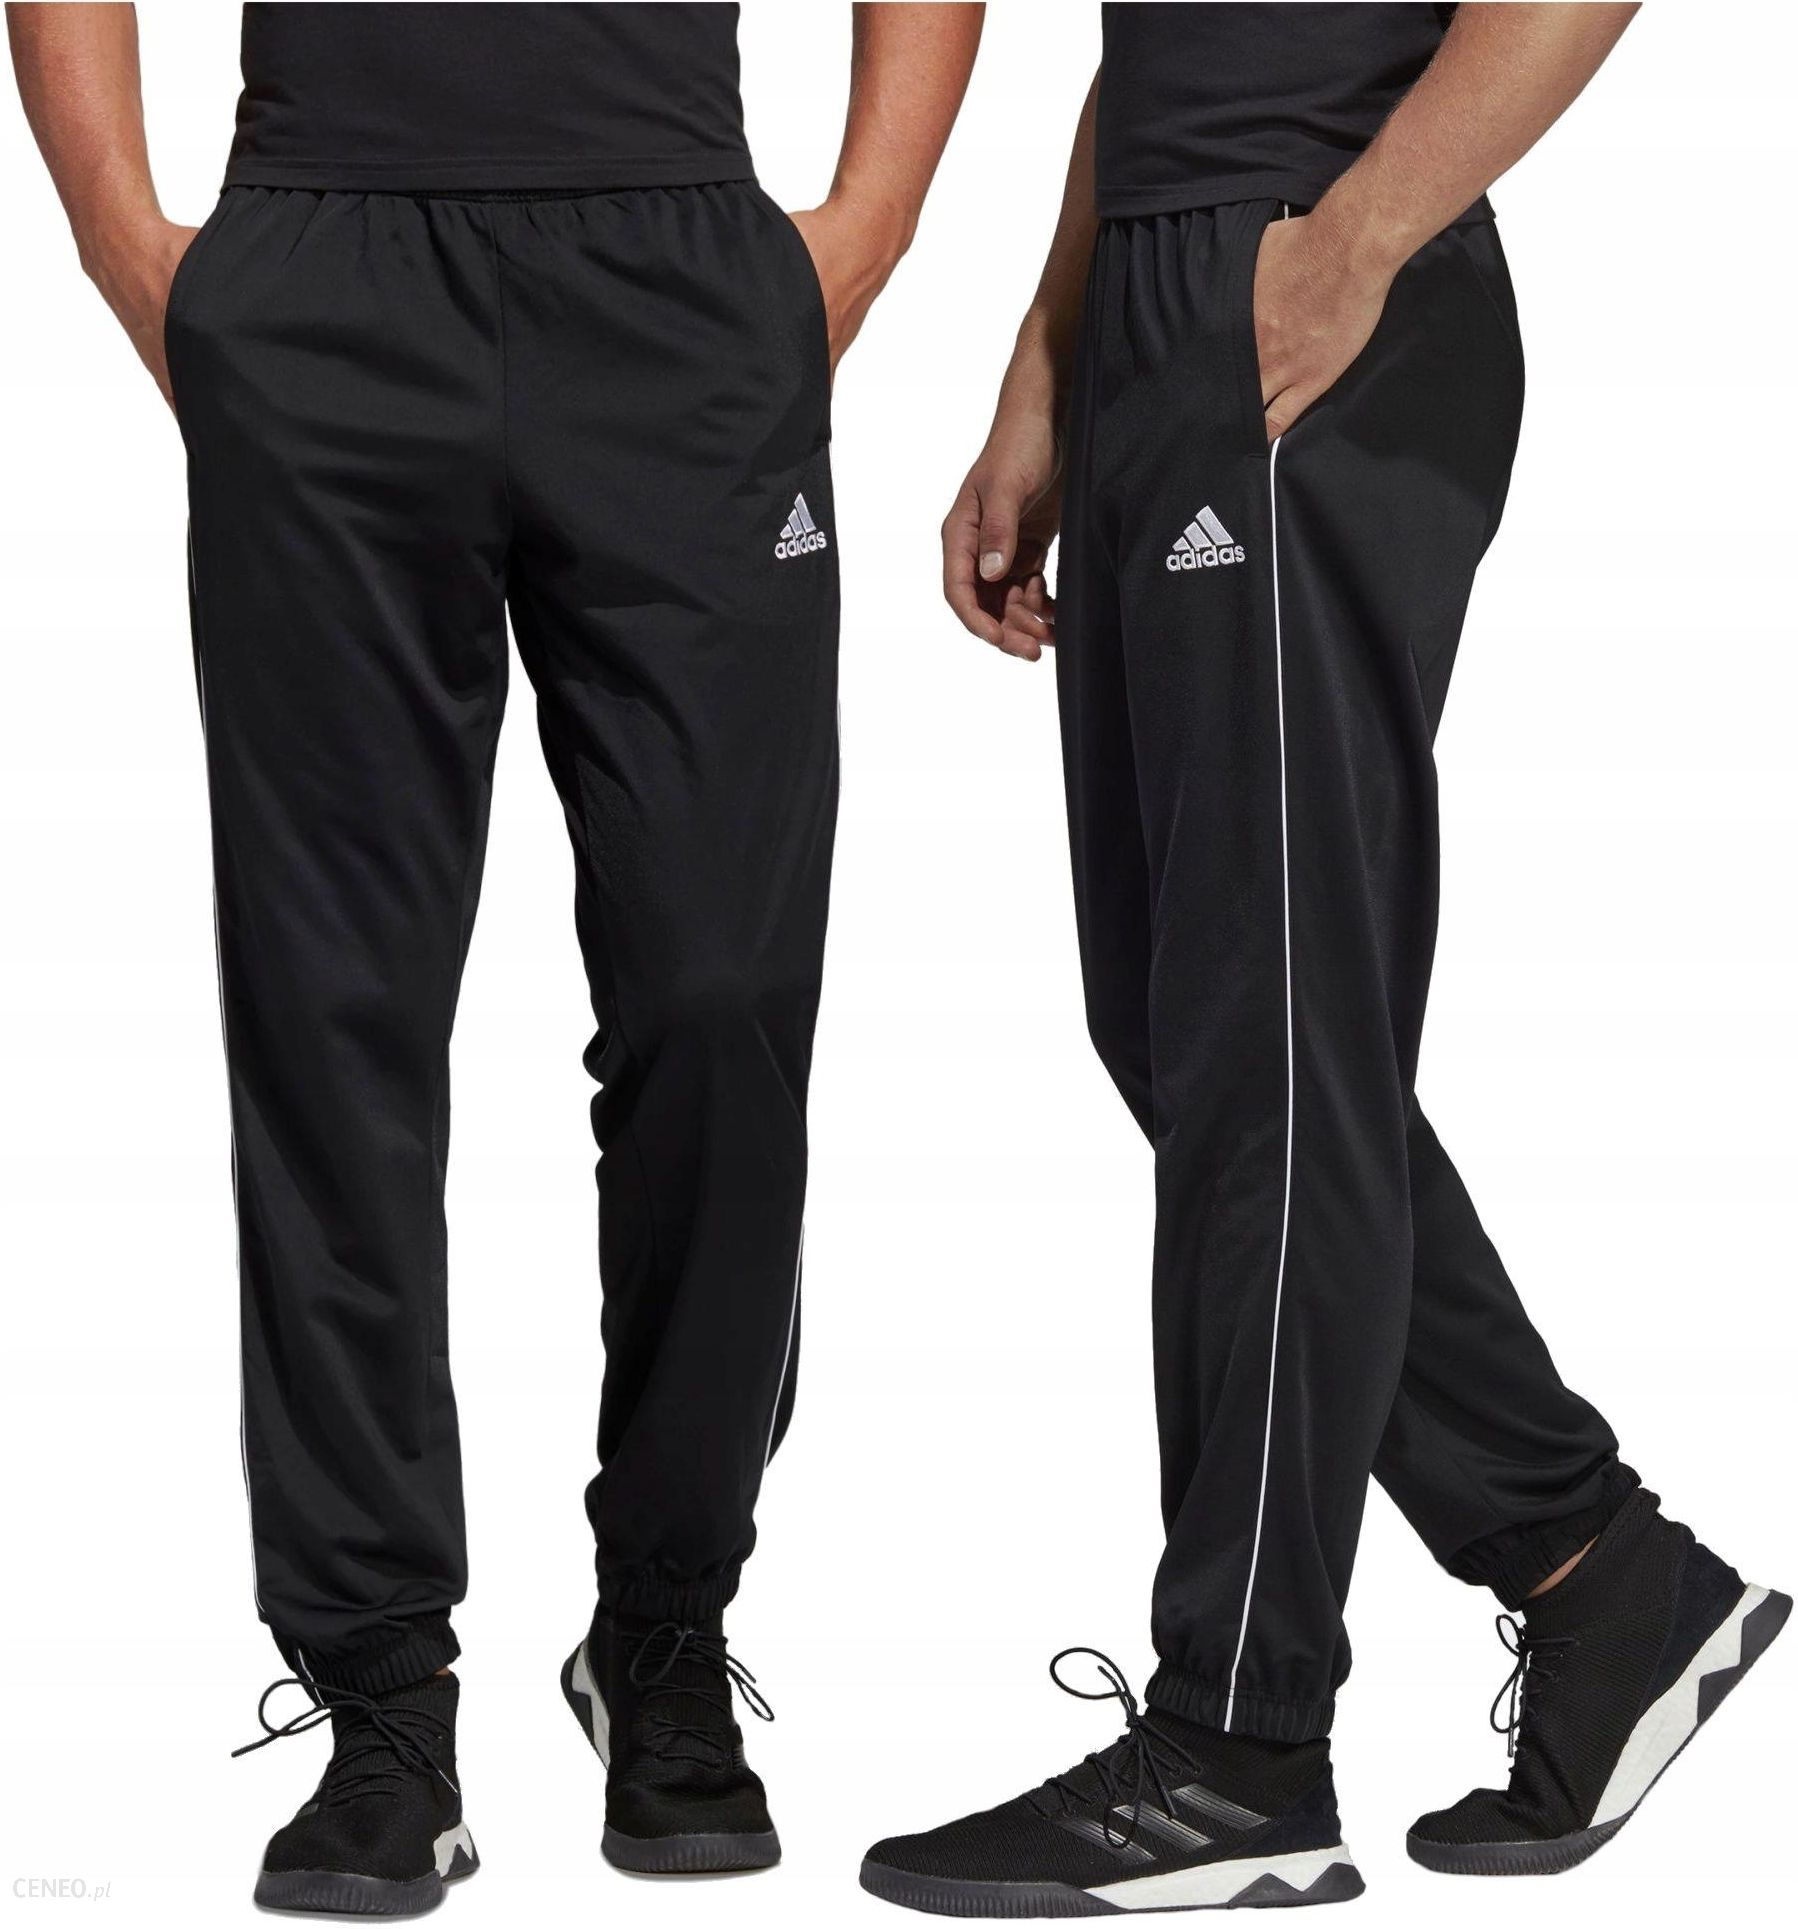 Spodnie męskie Dresowe Adidas Ceneo.pl